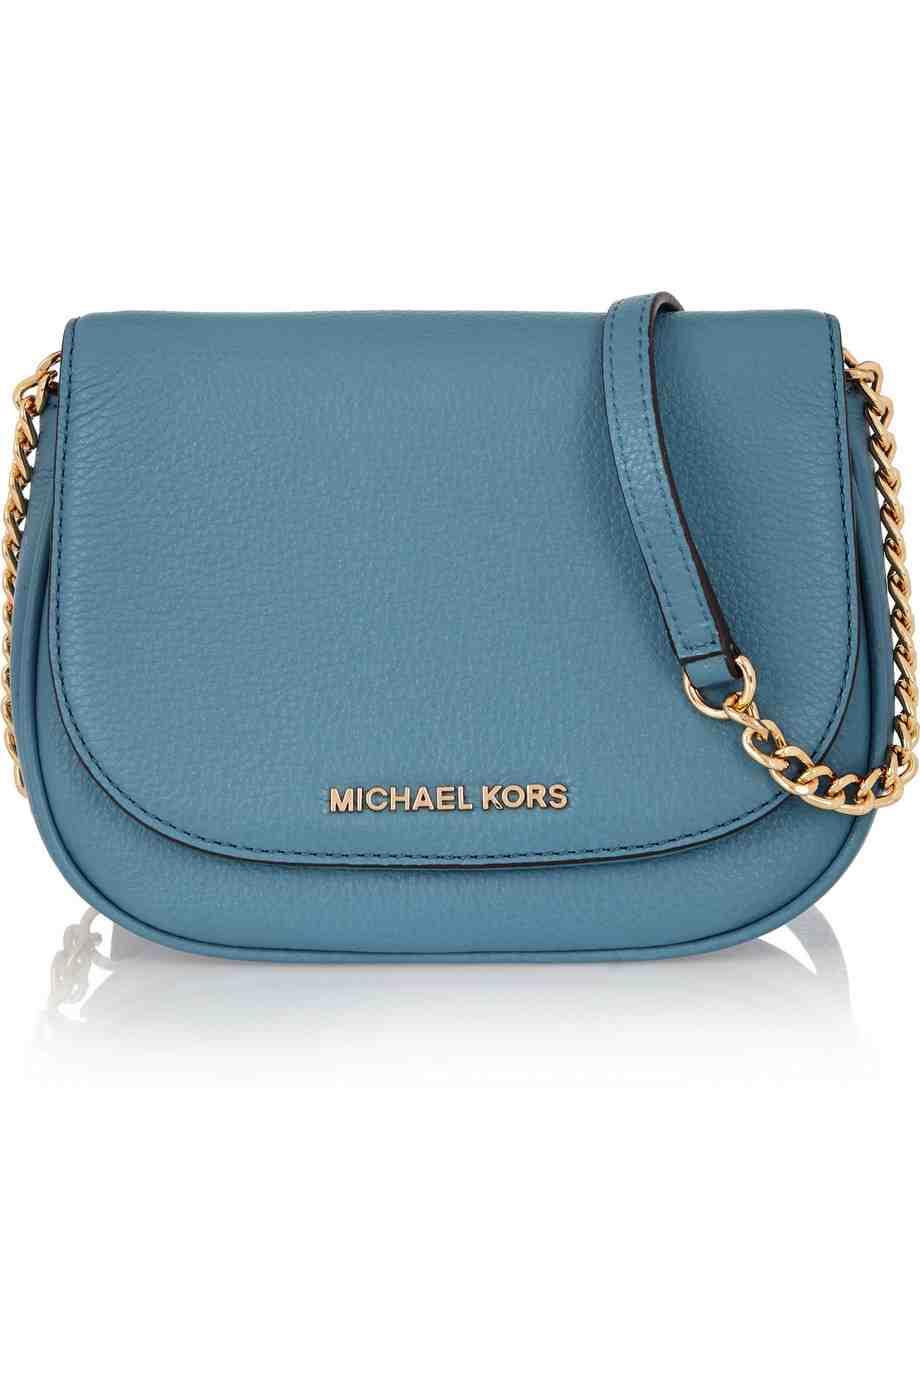 Michael Kors - sac(150€)